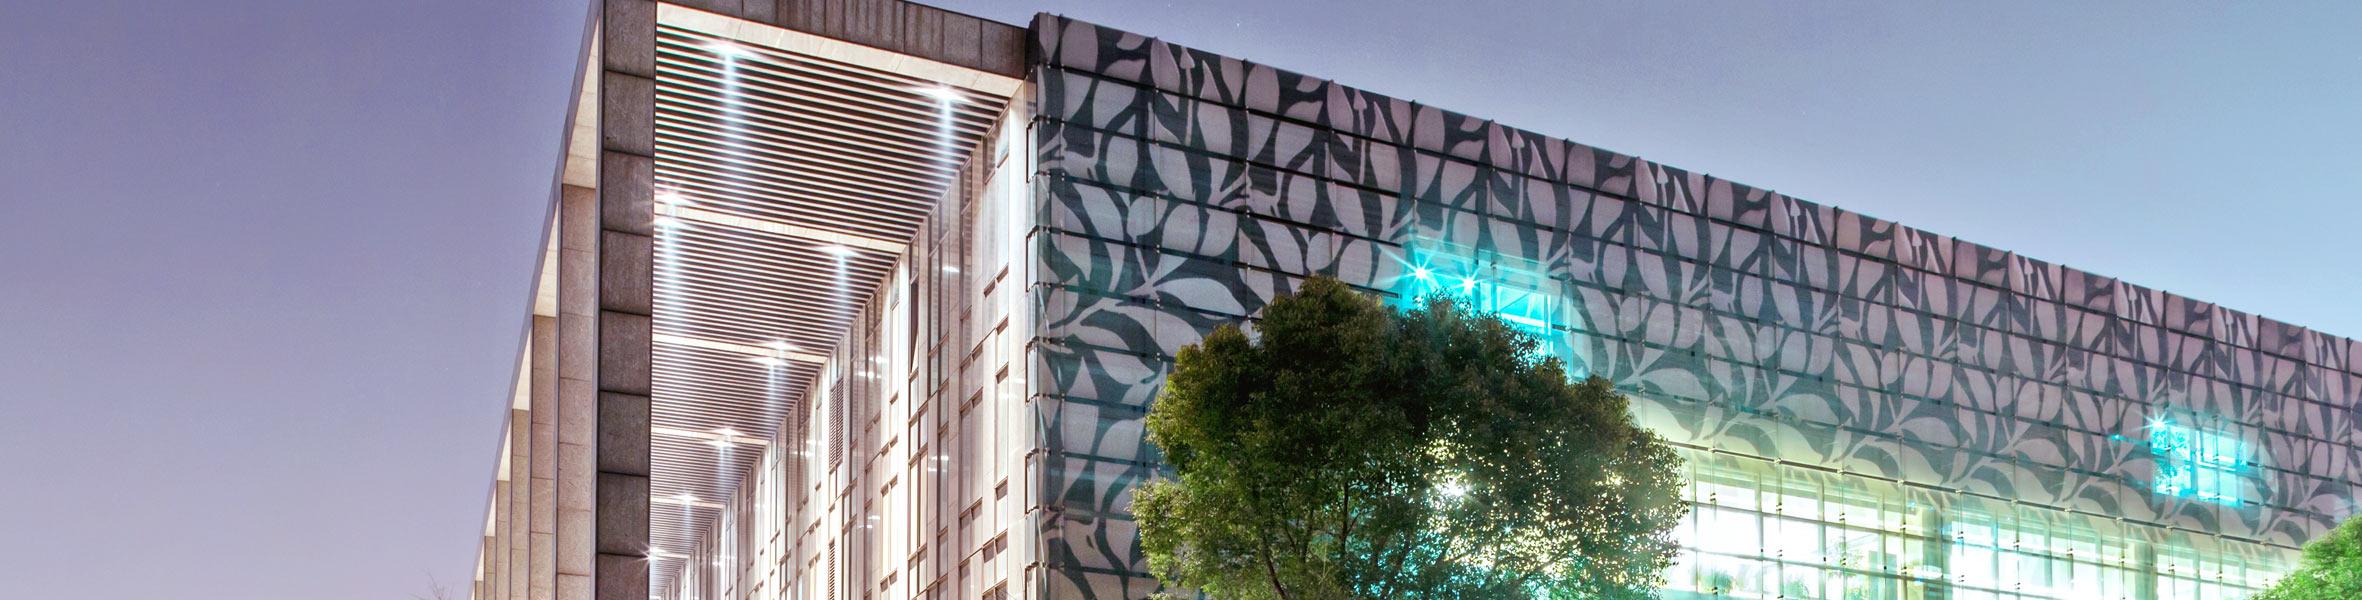 referenzen architekturb ro kircher frankfurt am main baubetreuung beratung und planung. Black Bedroom Furniture Sets. Home Design Ideas